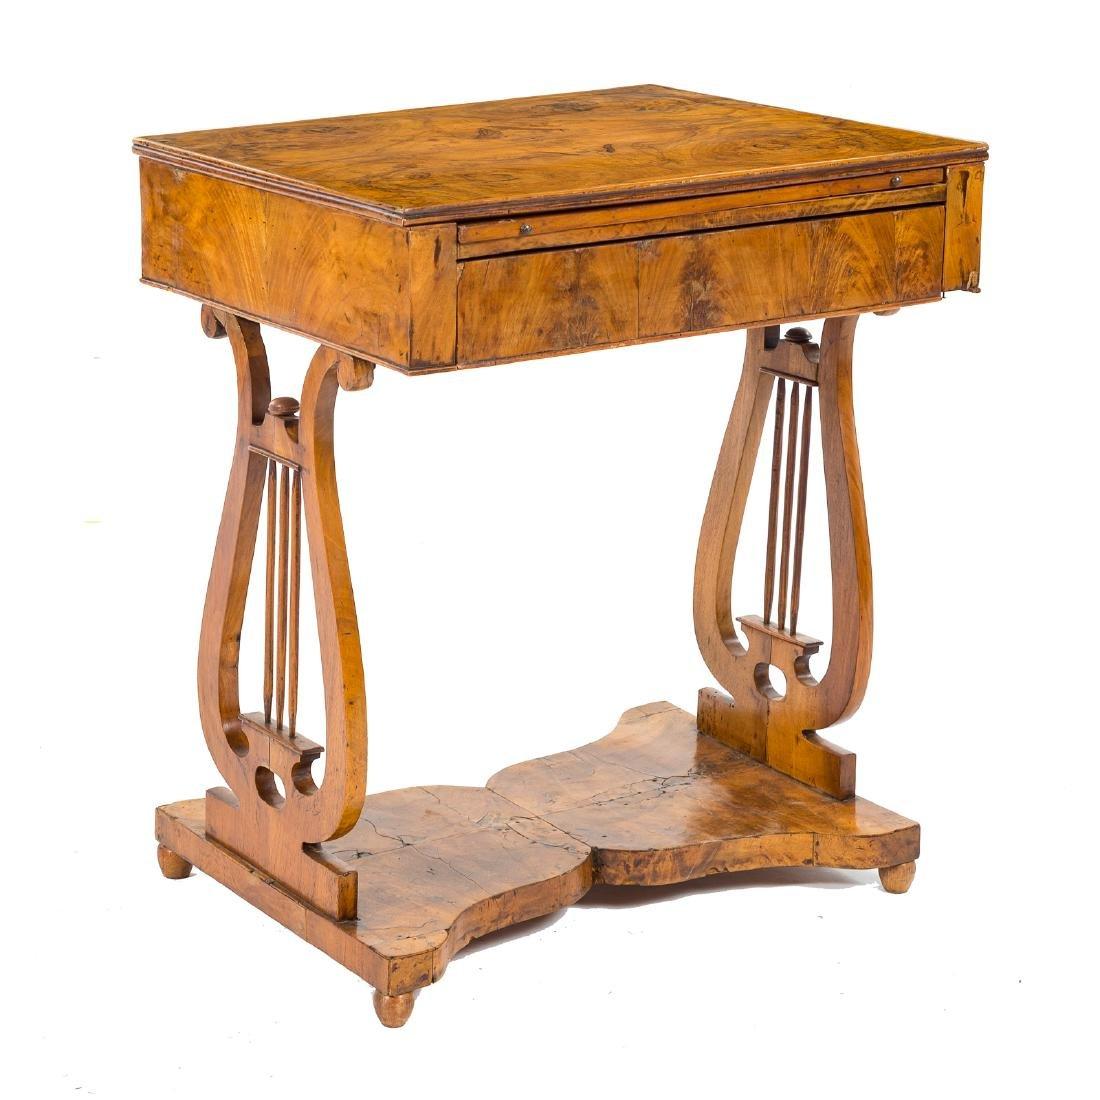 German Biedermeier burl walnut desk